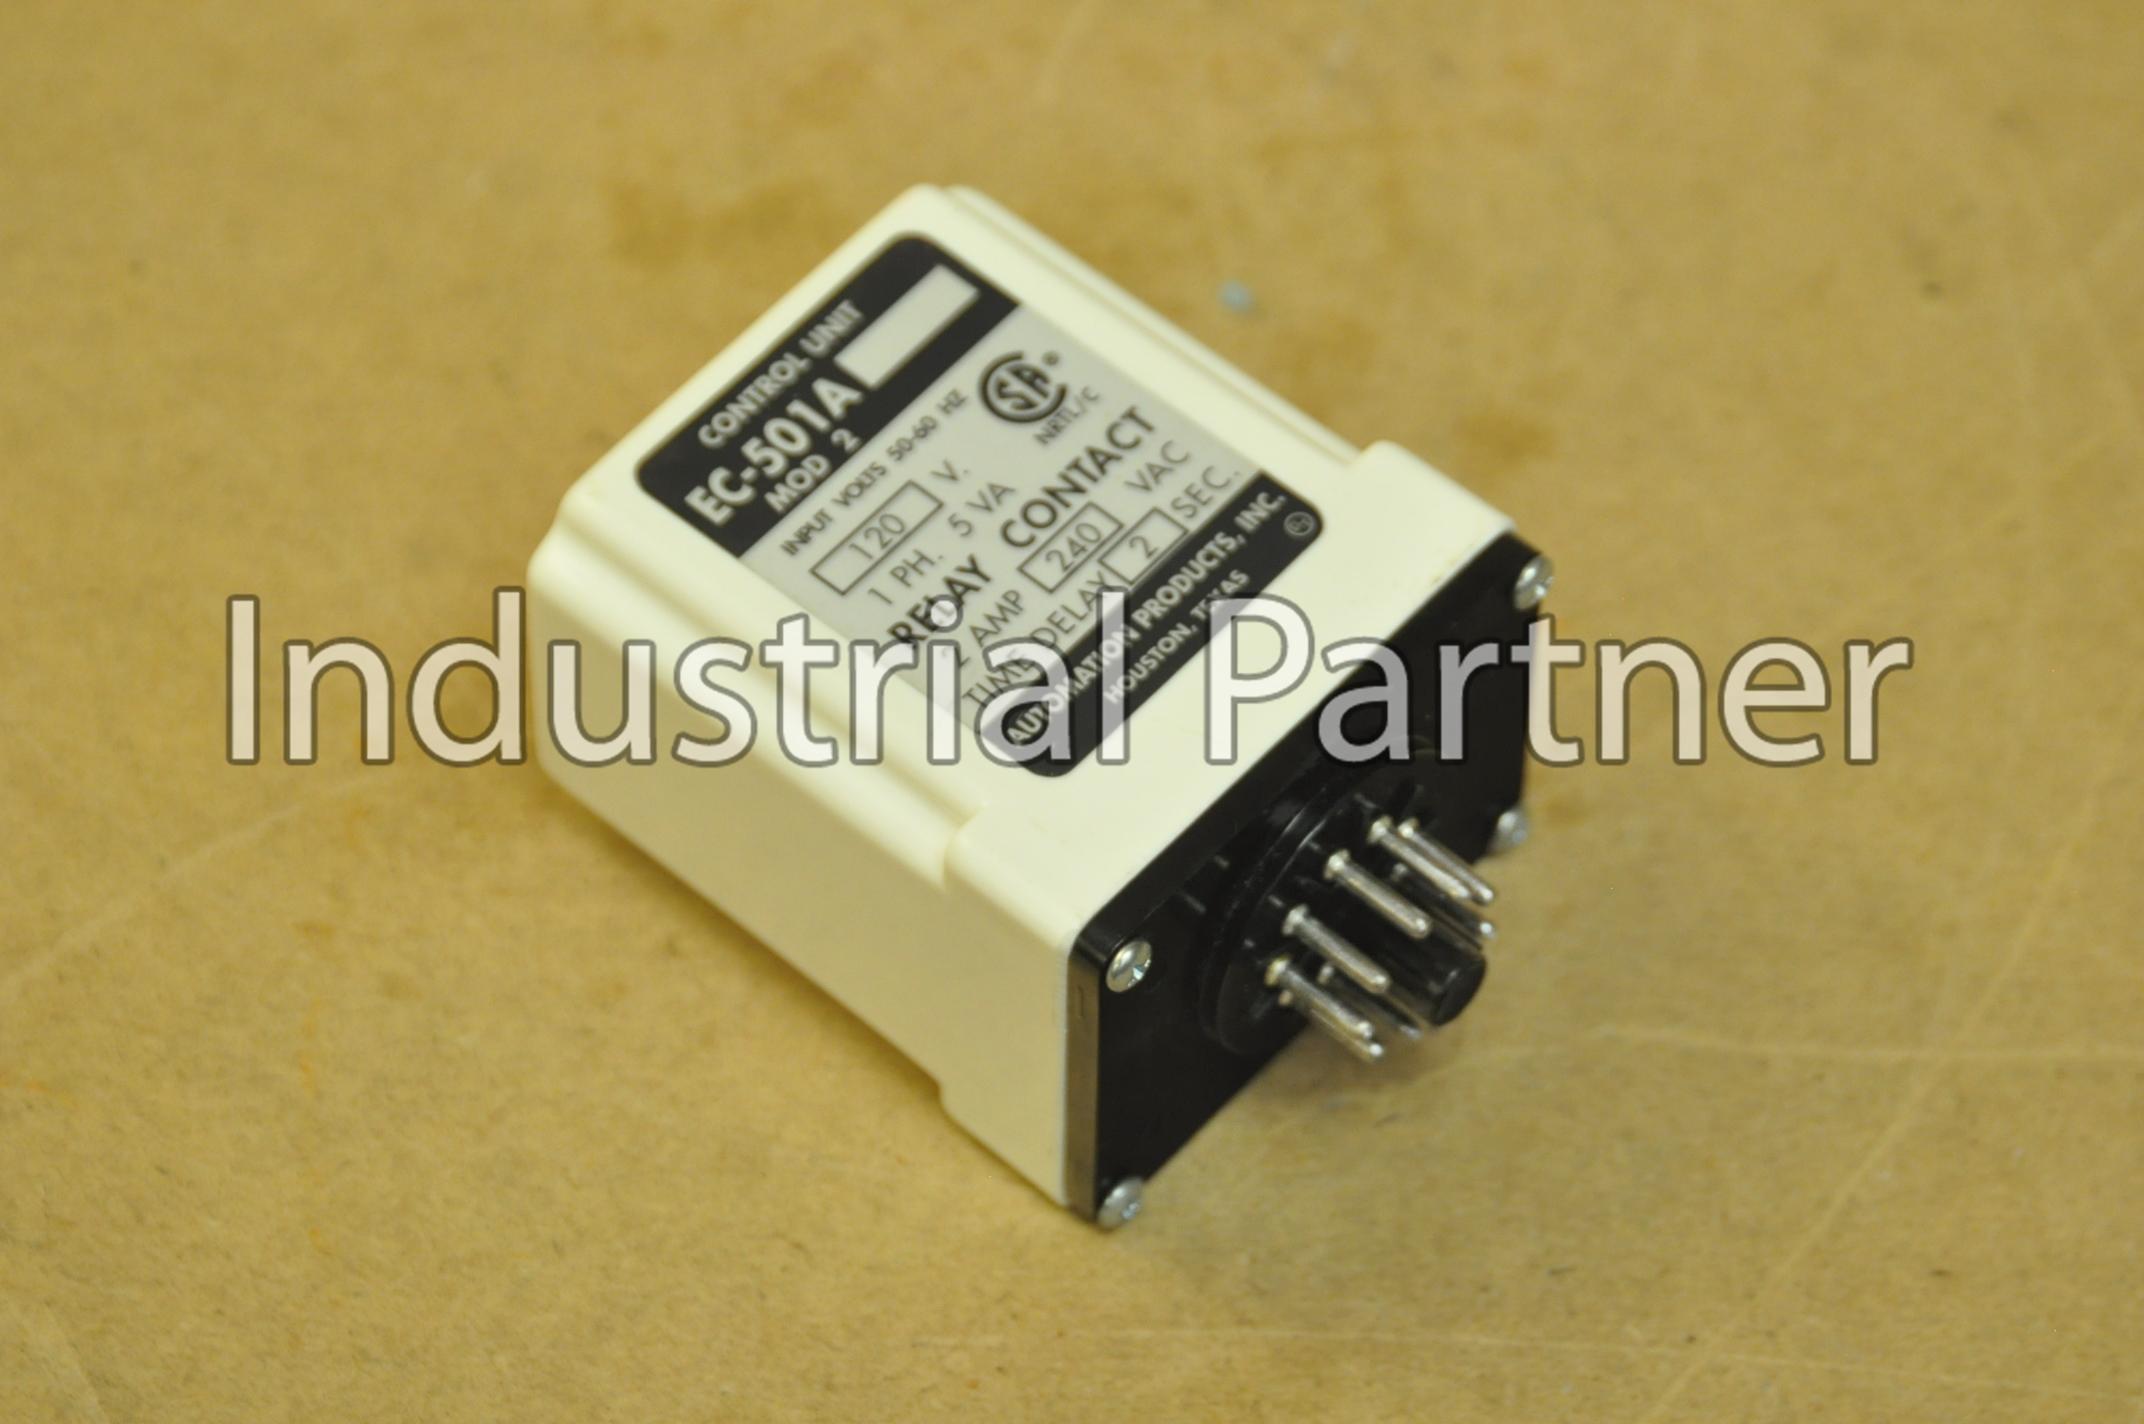 EC501A 2017044852 wm 2 ec501a automation products ec501a control unit ec-501a wiring diagram at bayanpartner.co